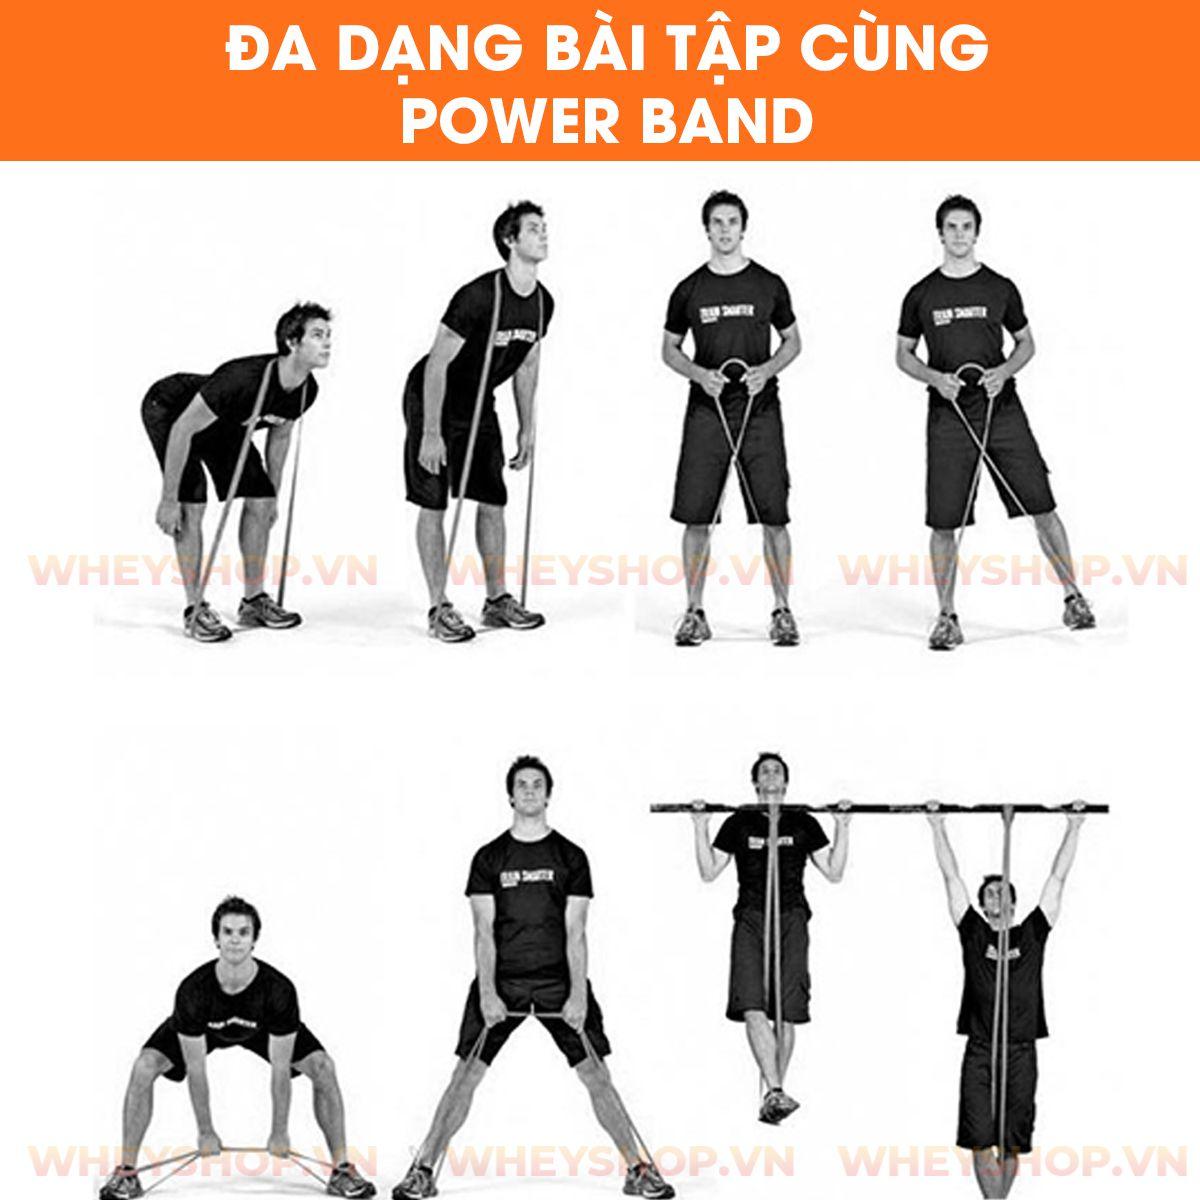 Tập gym, khởi động, giãn cơ, tập luyện tại nhà không thể thiếu dây kháng lực power band đa năng. Dây kháng lực powder band chính hãng, giá rẻ nhất thị trường